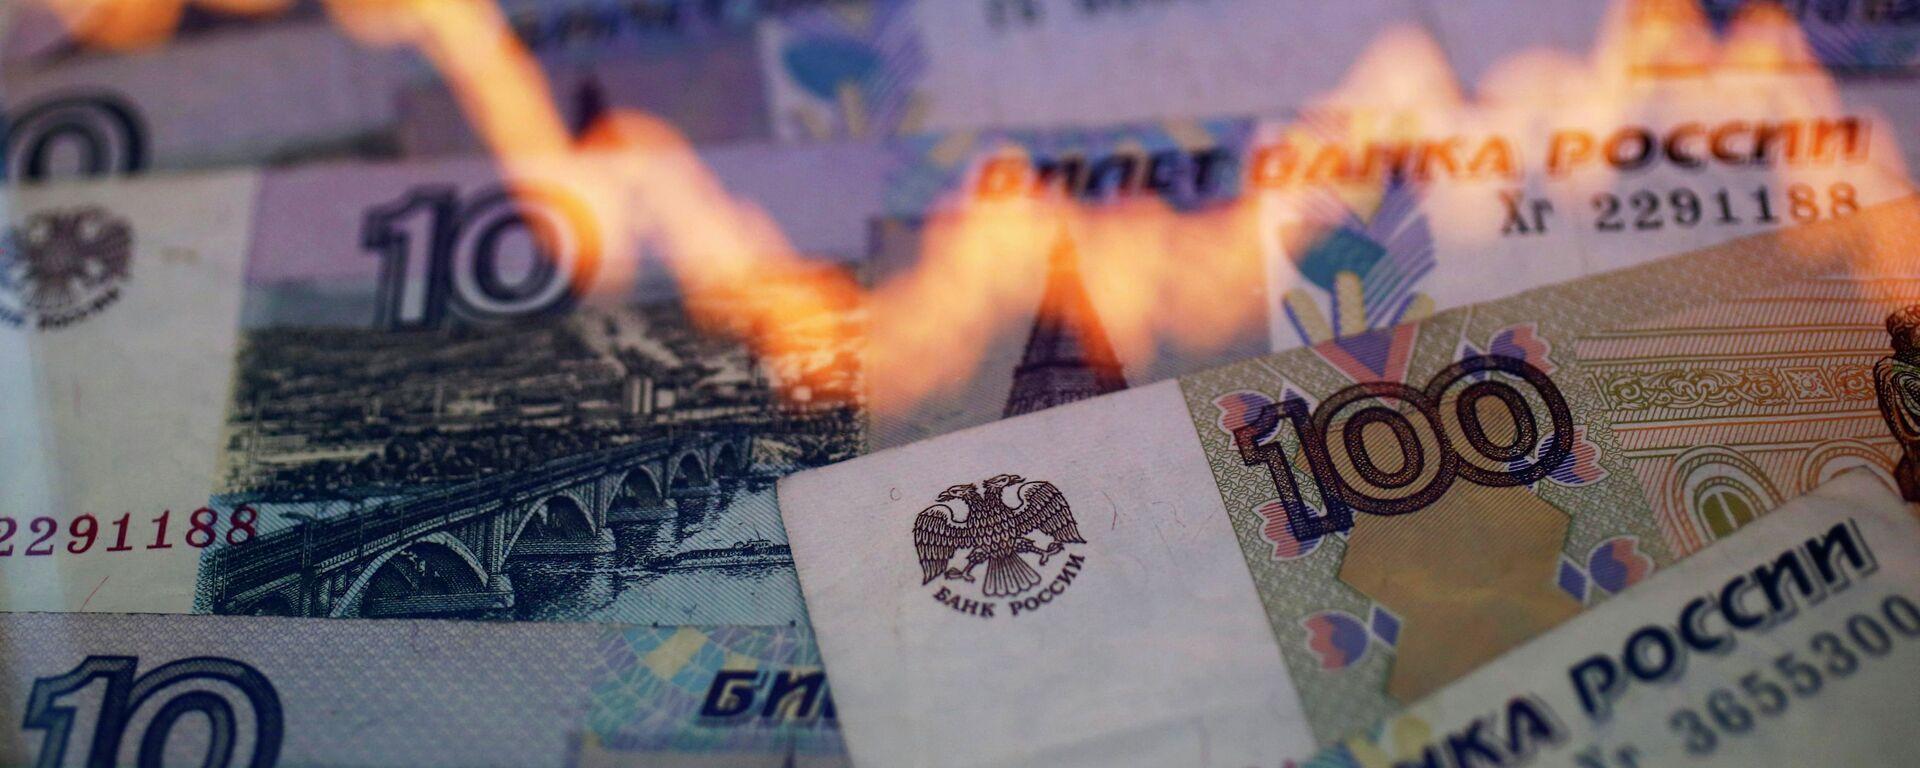 Związek między wartością rubla i ropy - Sputnik Polska, 1920, 08.06.2021